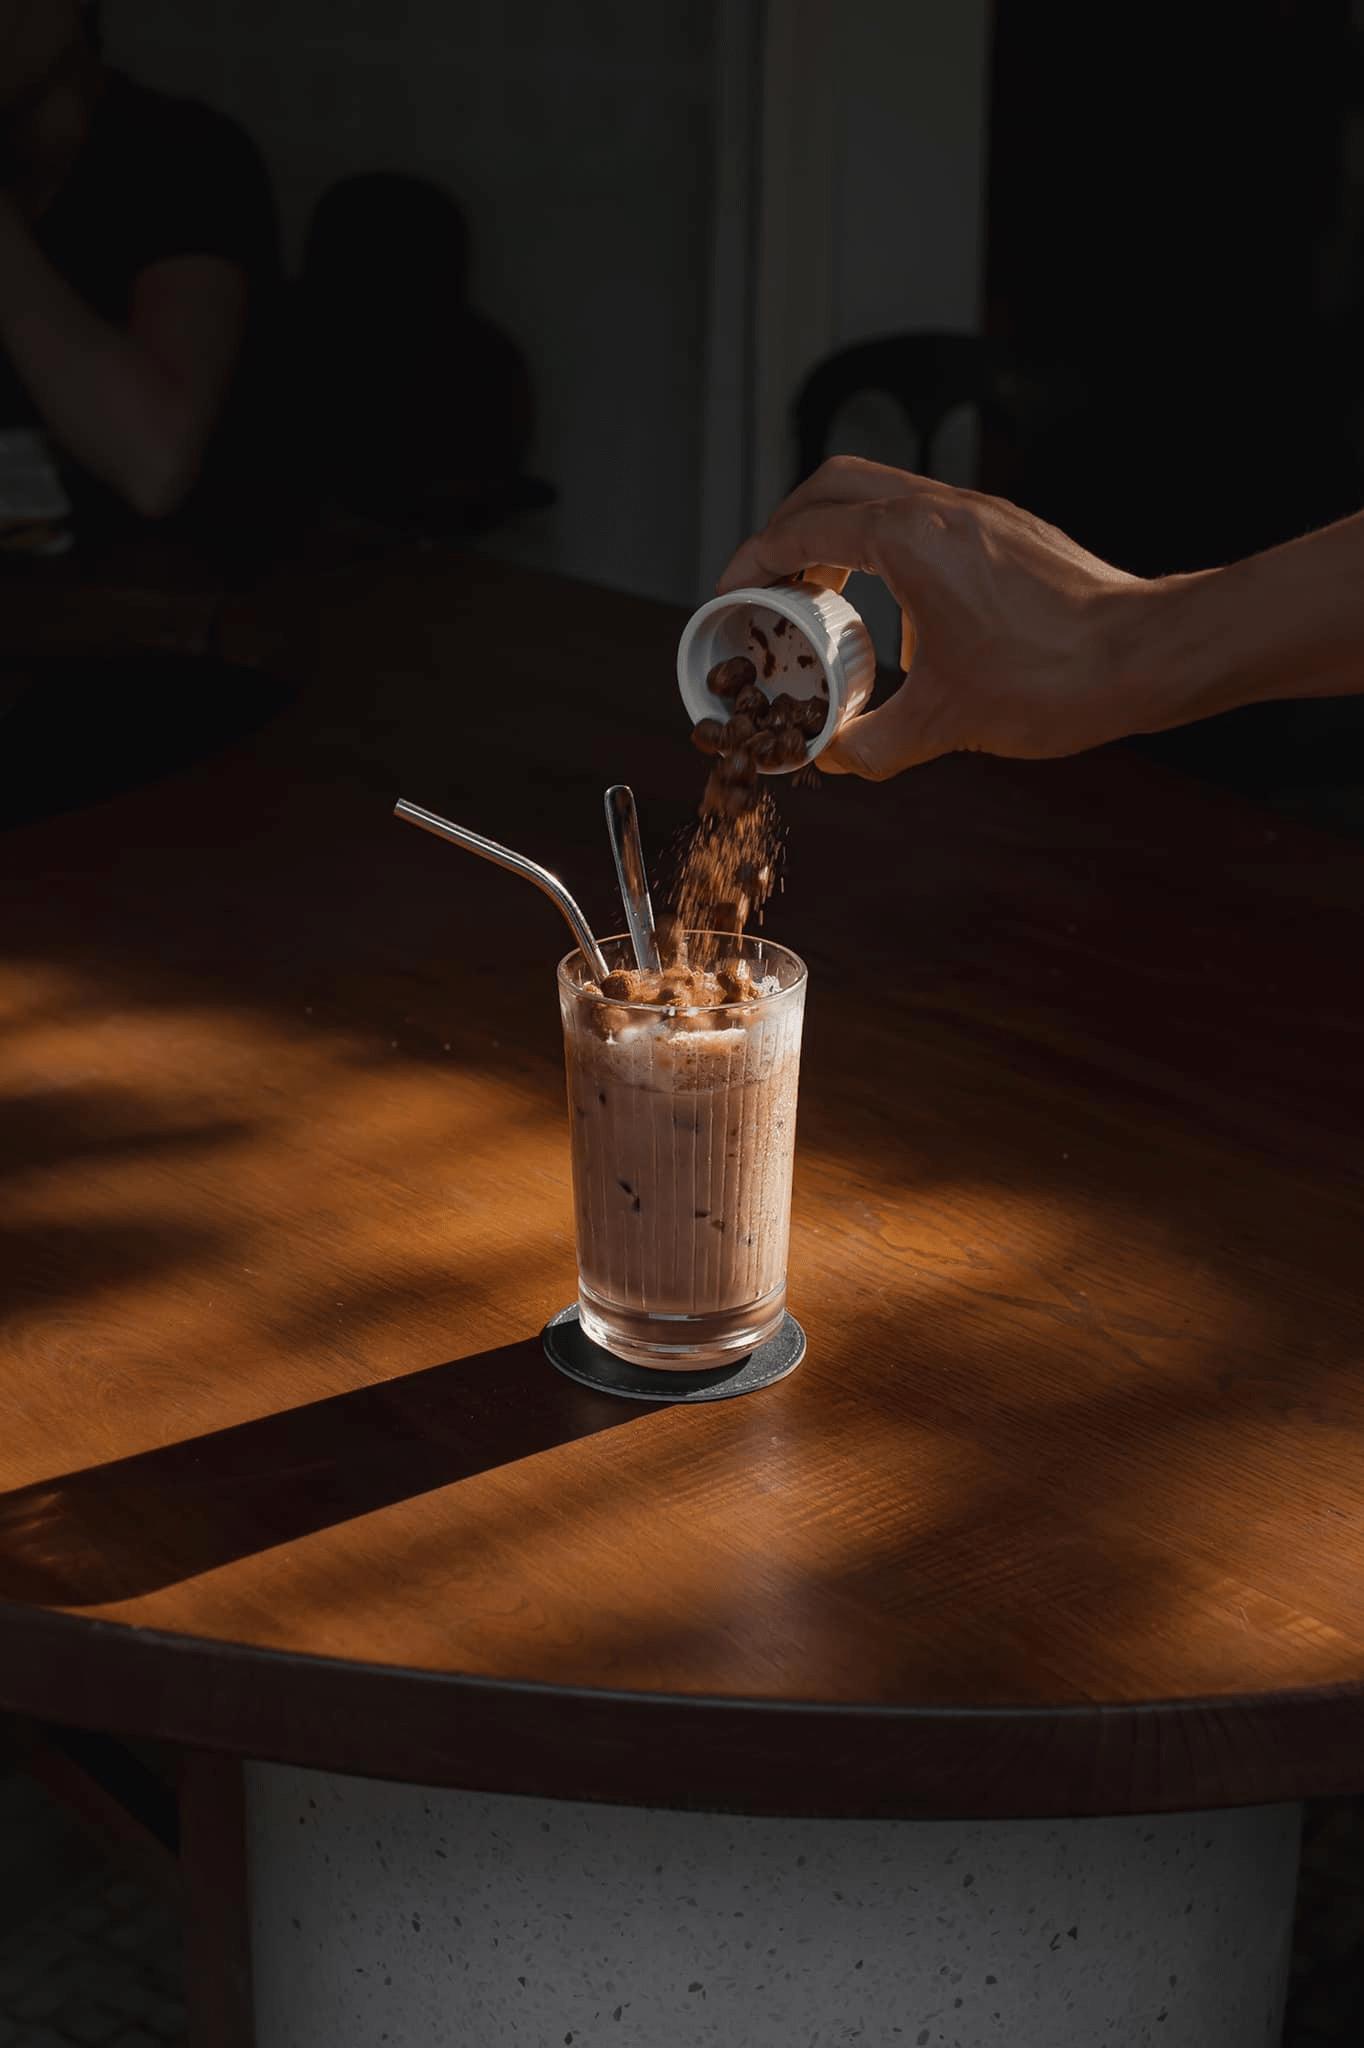 ZERAFFE COFFEE - Ghé Sài Gòn thăm chú ngựa vằn cao cổ 11